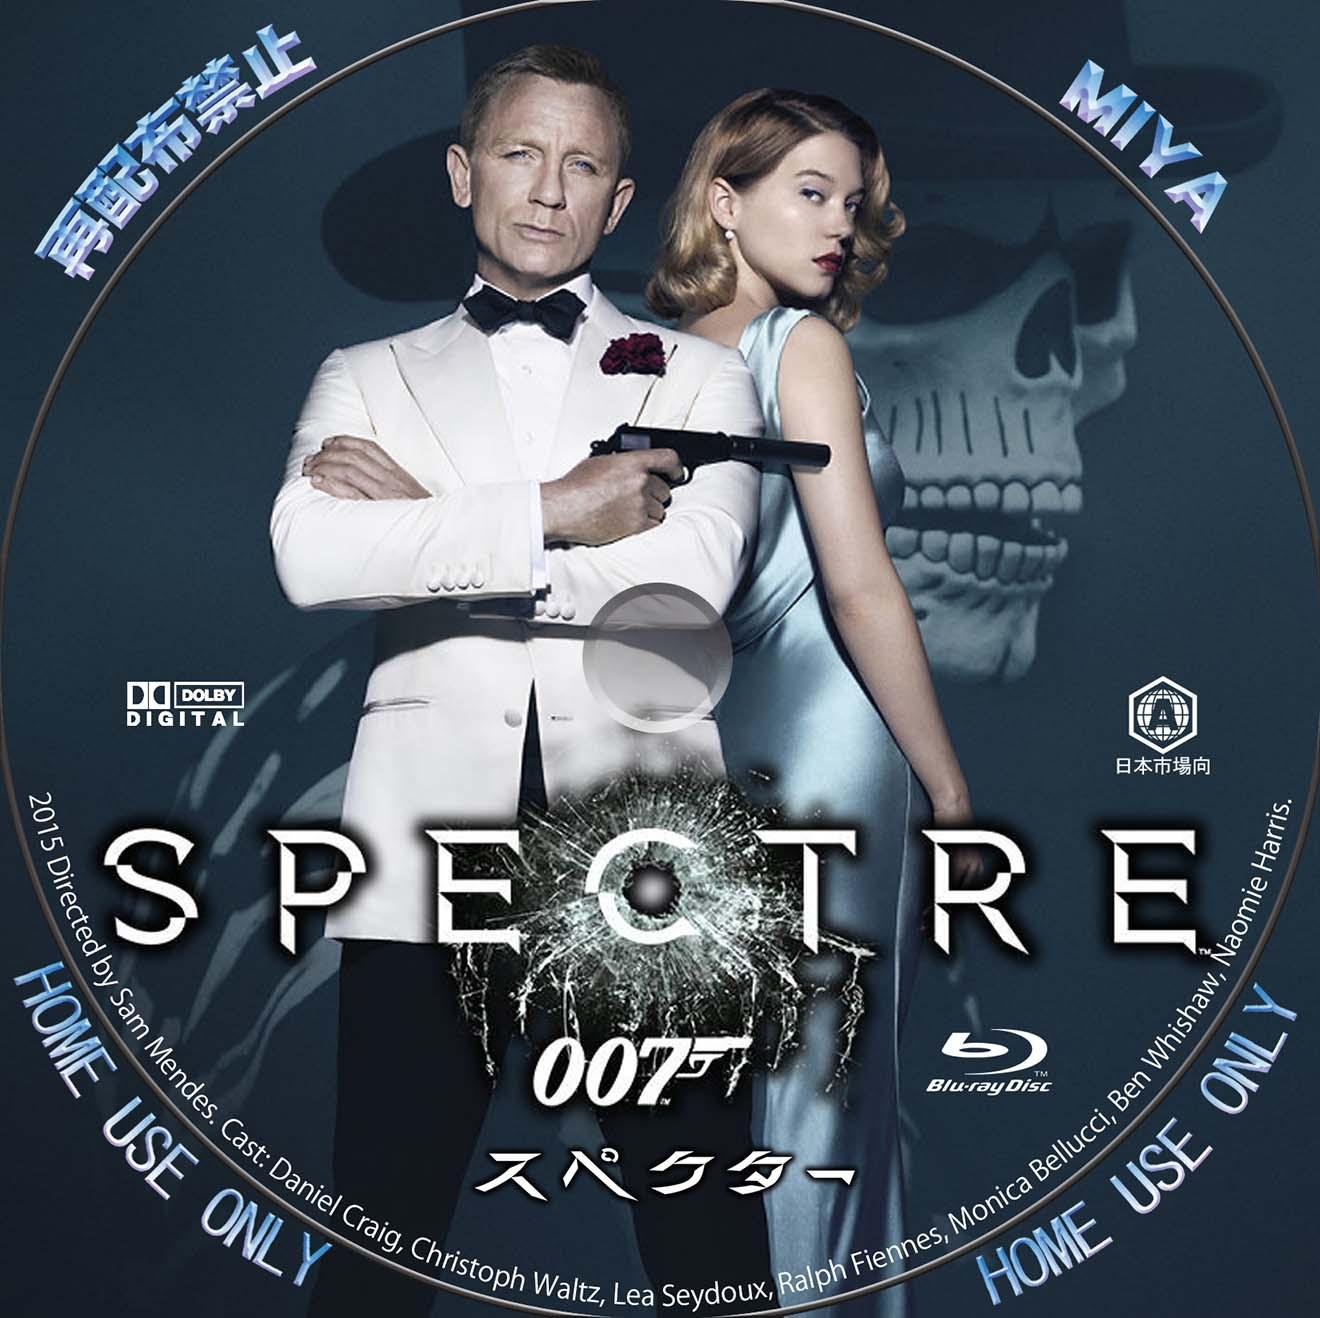 007 スペクター_BD